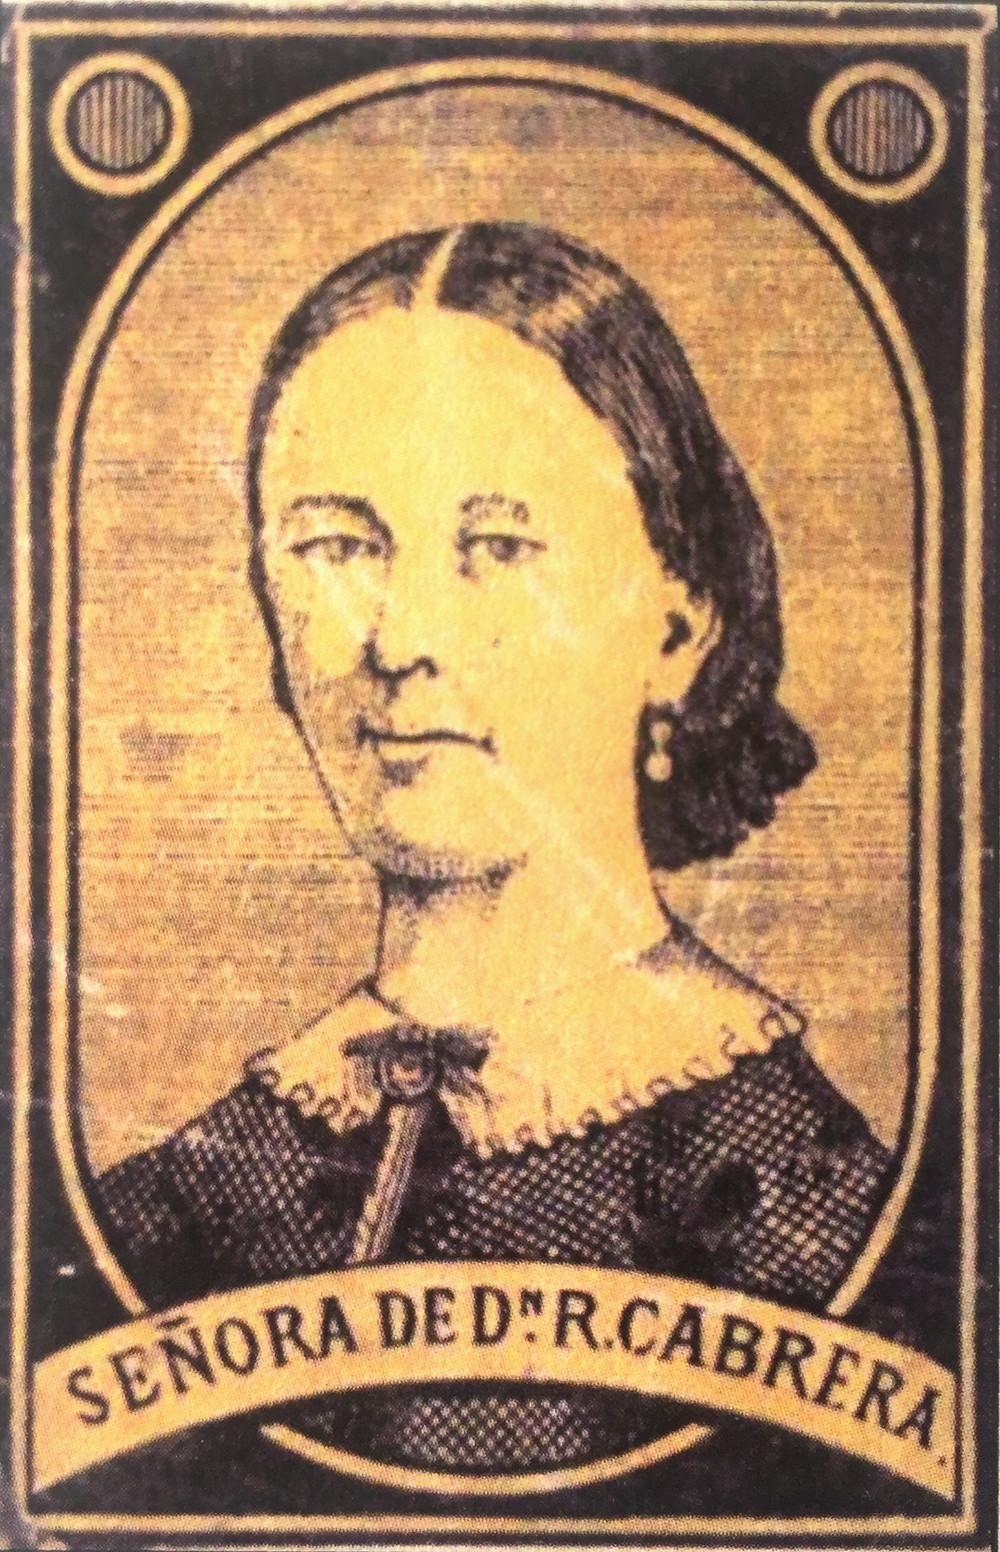 Fototipia de la condesa de Morella en una caja de cerillas